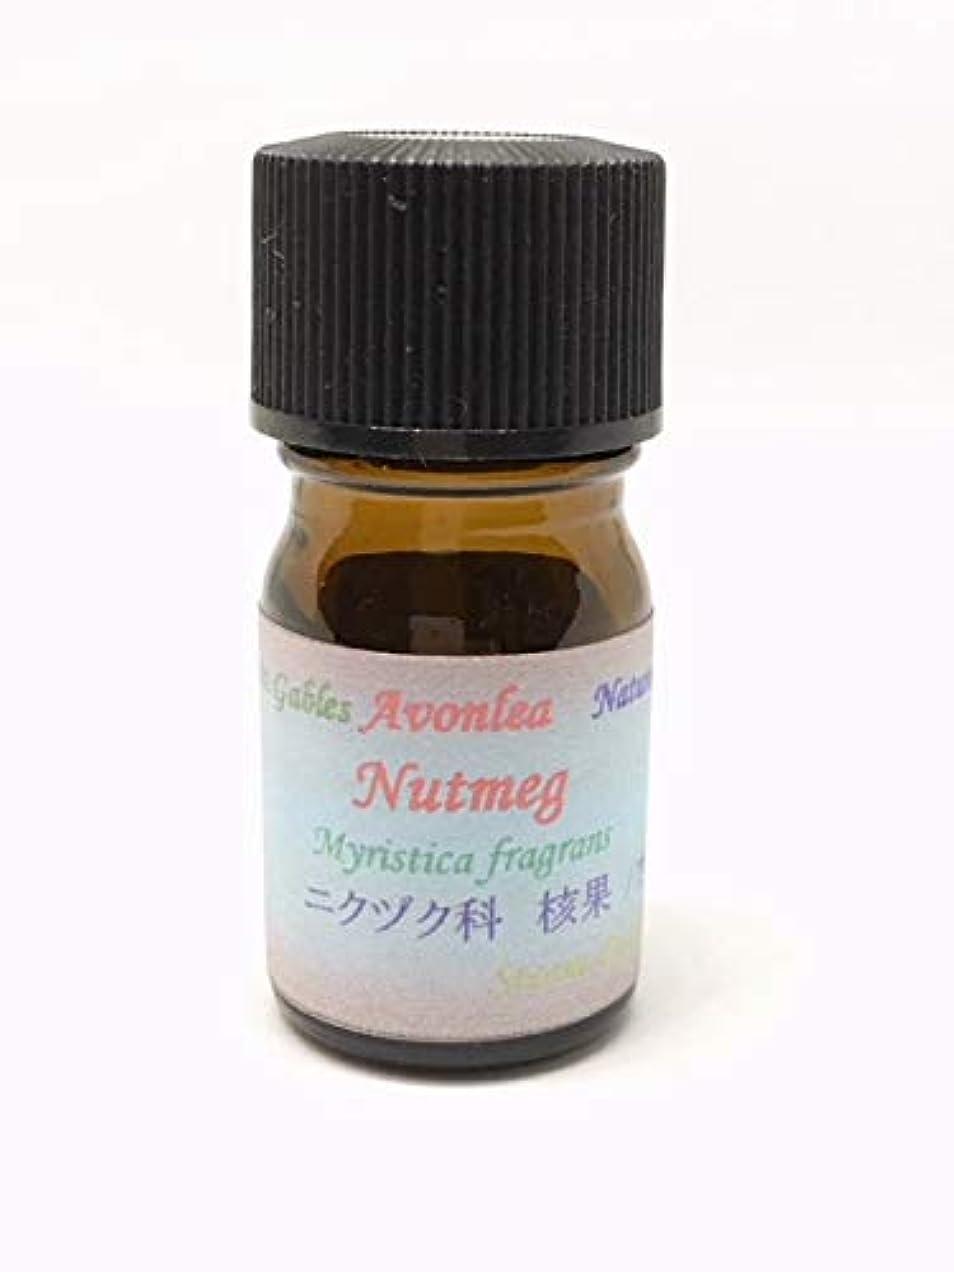 マーケティングベッド海洋ナツメグ 100% ピュア エッセンシャルオイル 高級精油 30ml Nutmeg